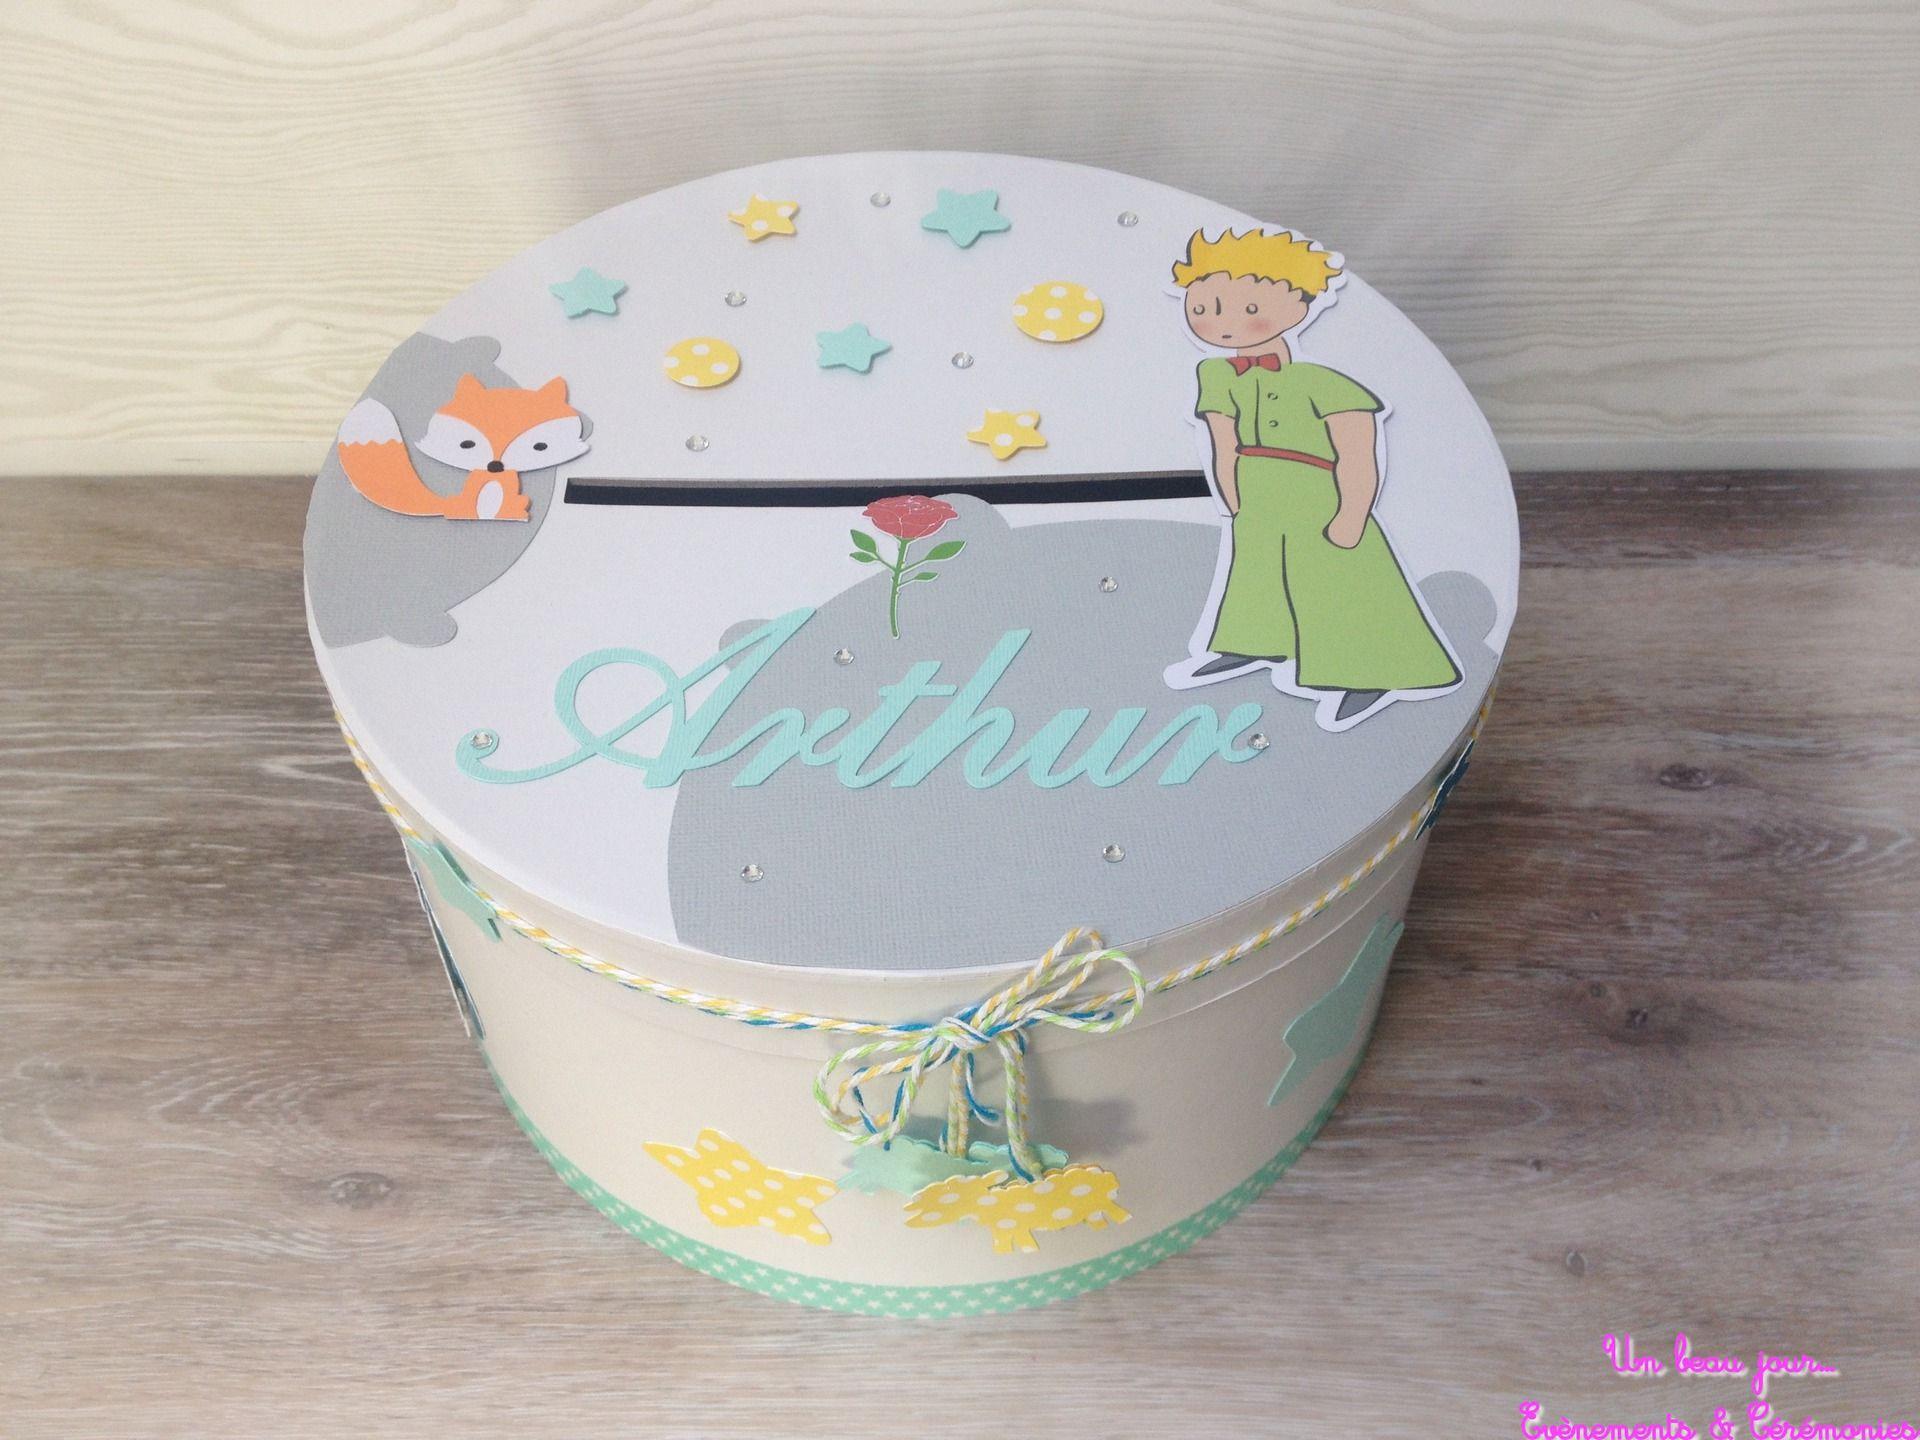 Personnalisé Bébé Baptême Nom Jour Cake Topper Garçon Fille Baptême